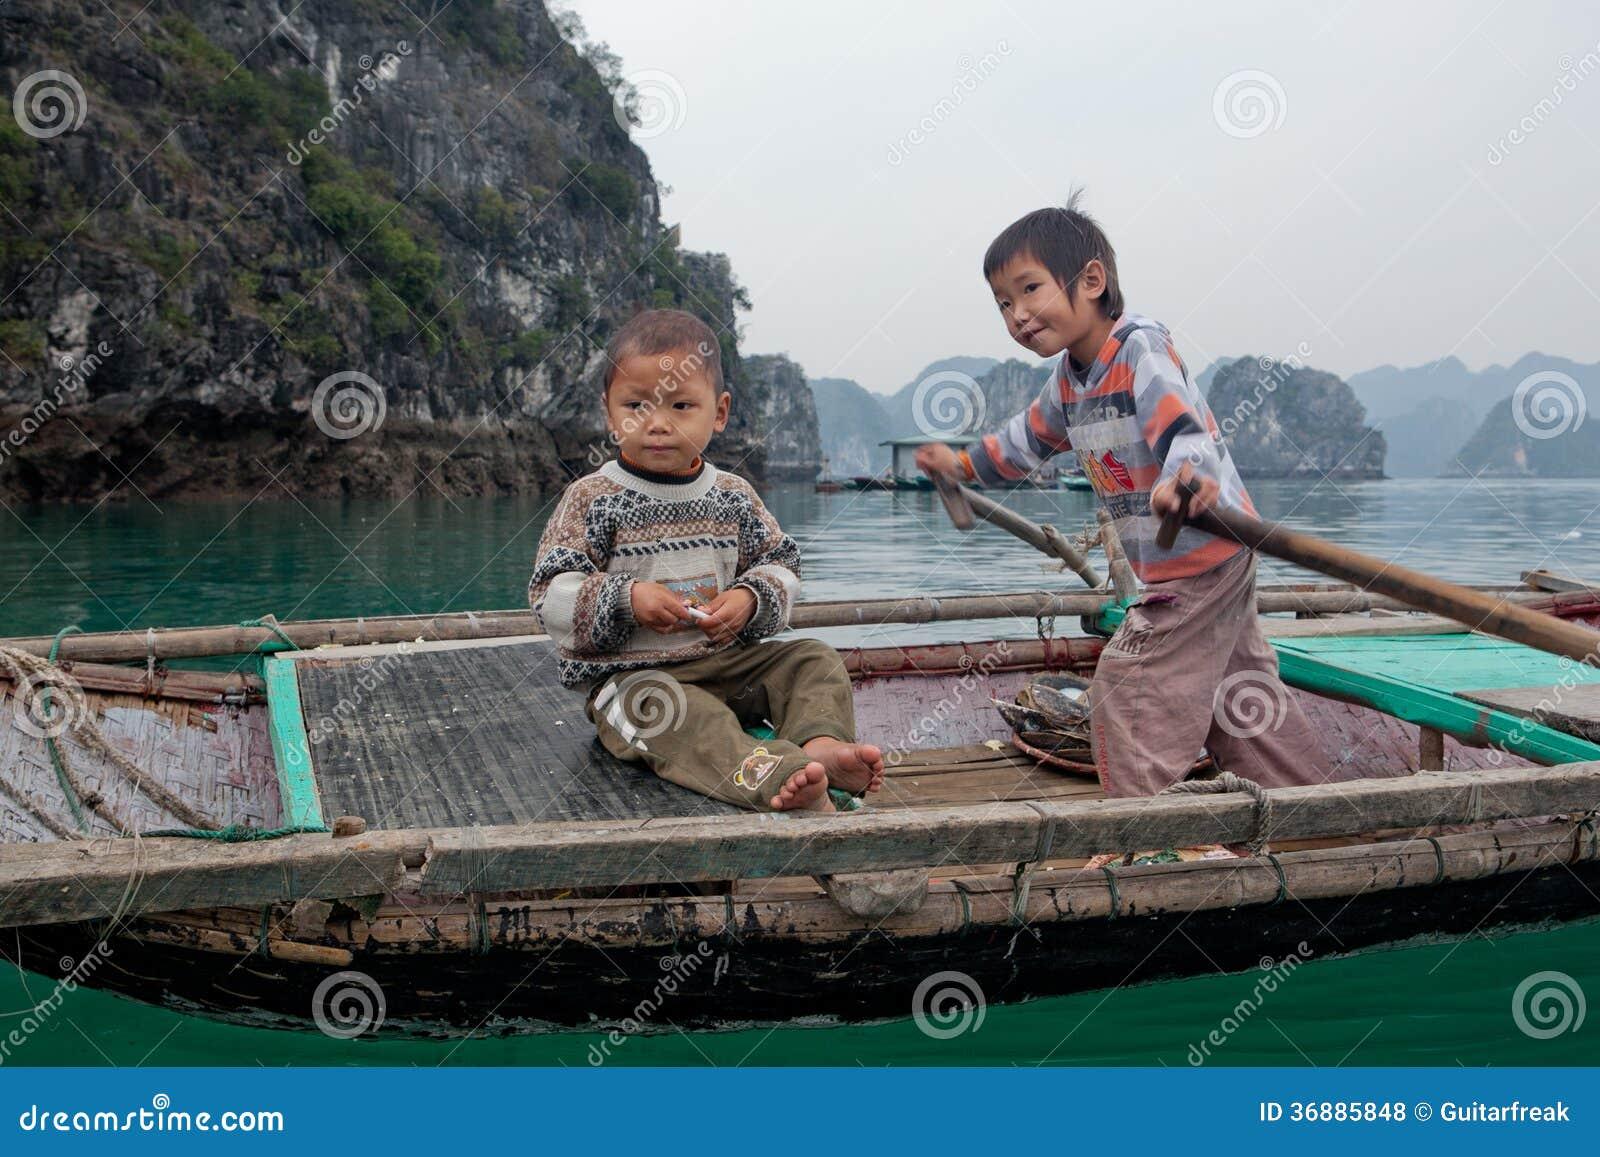 Download Canottaggio Dei Bambini In Halong Fotografia Stock Editoriale - Immagine di bambino, barca: 36885848